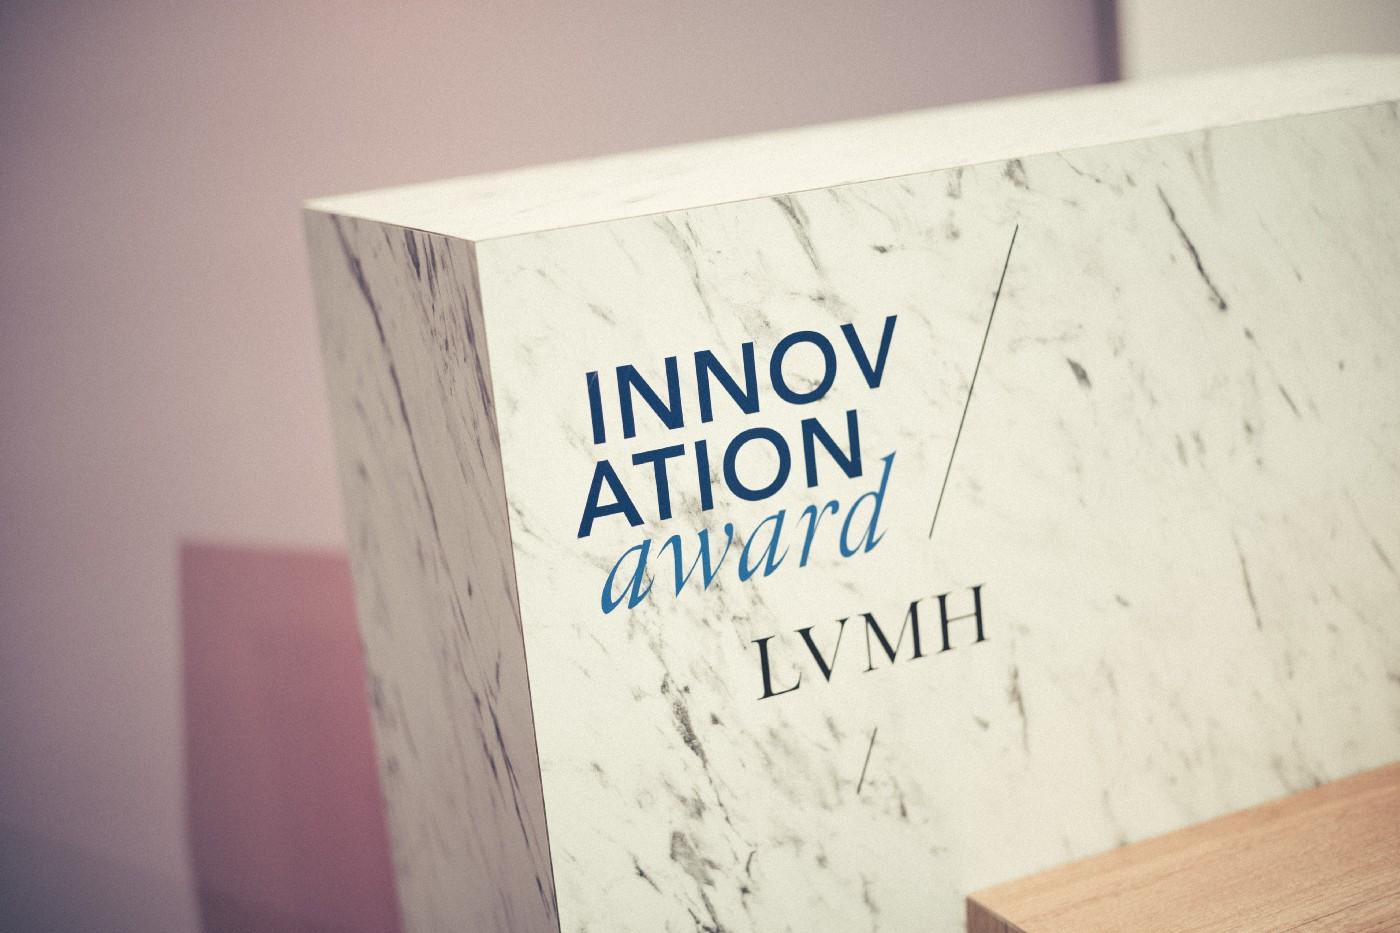 Skello finaliste du LVMH Innovation Award.